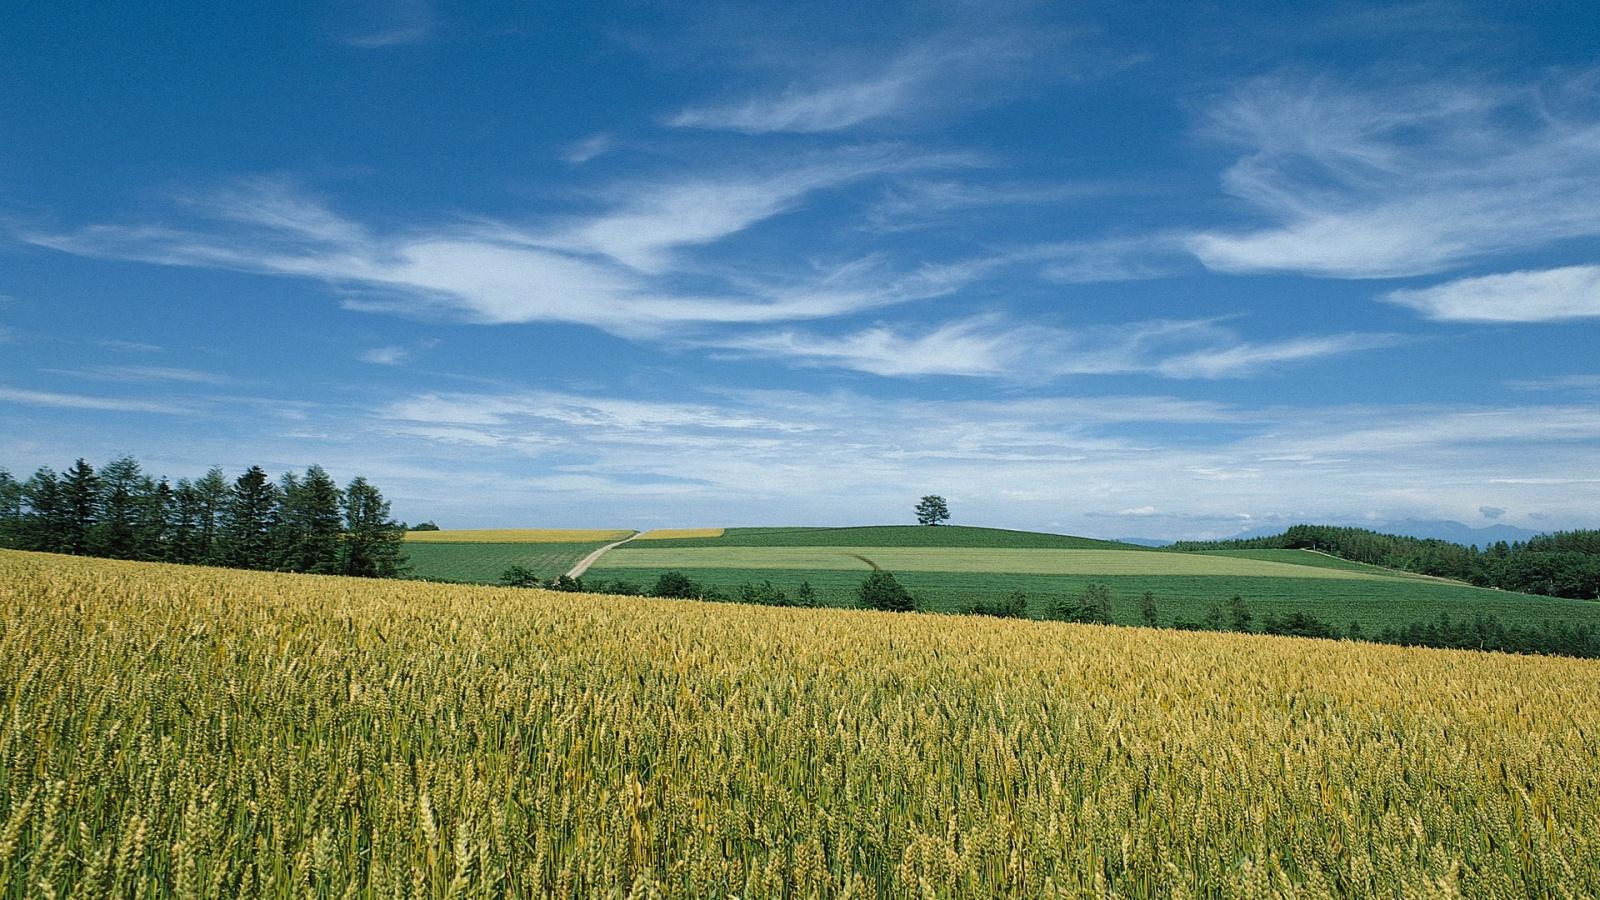 Landscape Hd Wallpapers 1080p: 1080P Landscape Wallpapers